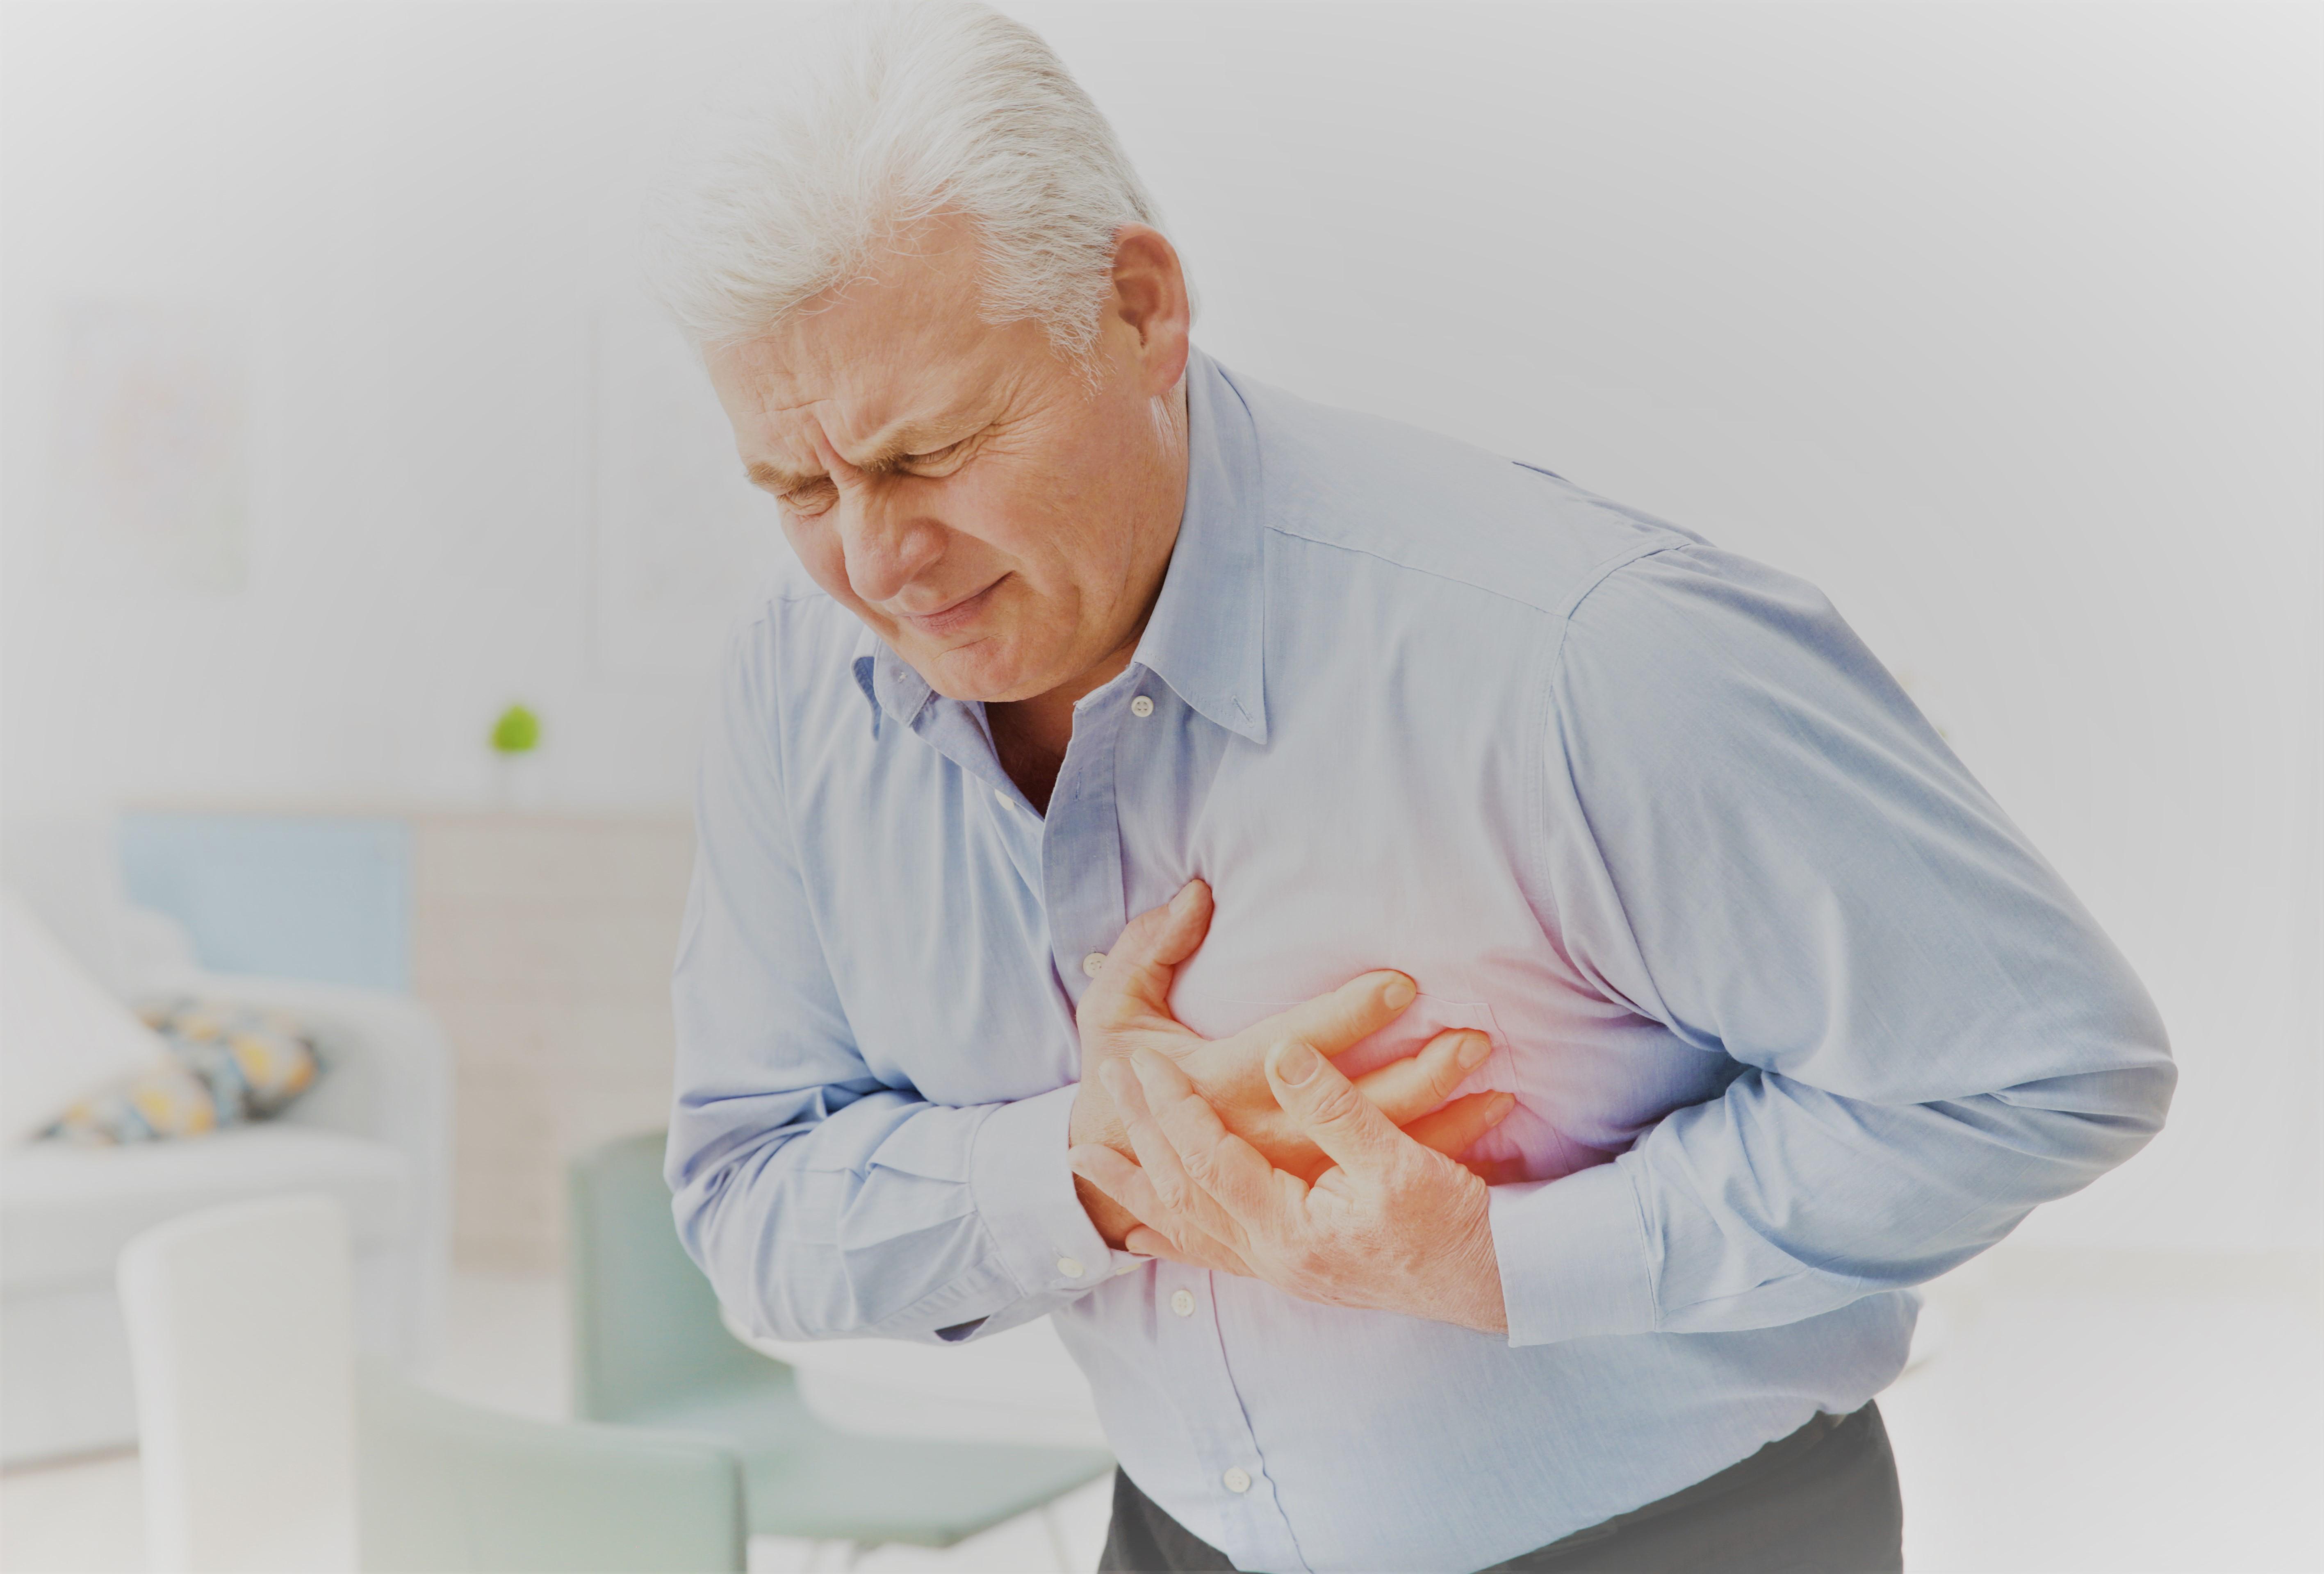 ízületi és bordafájdalom